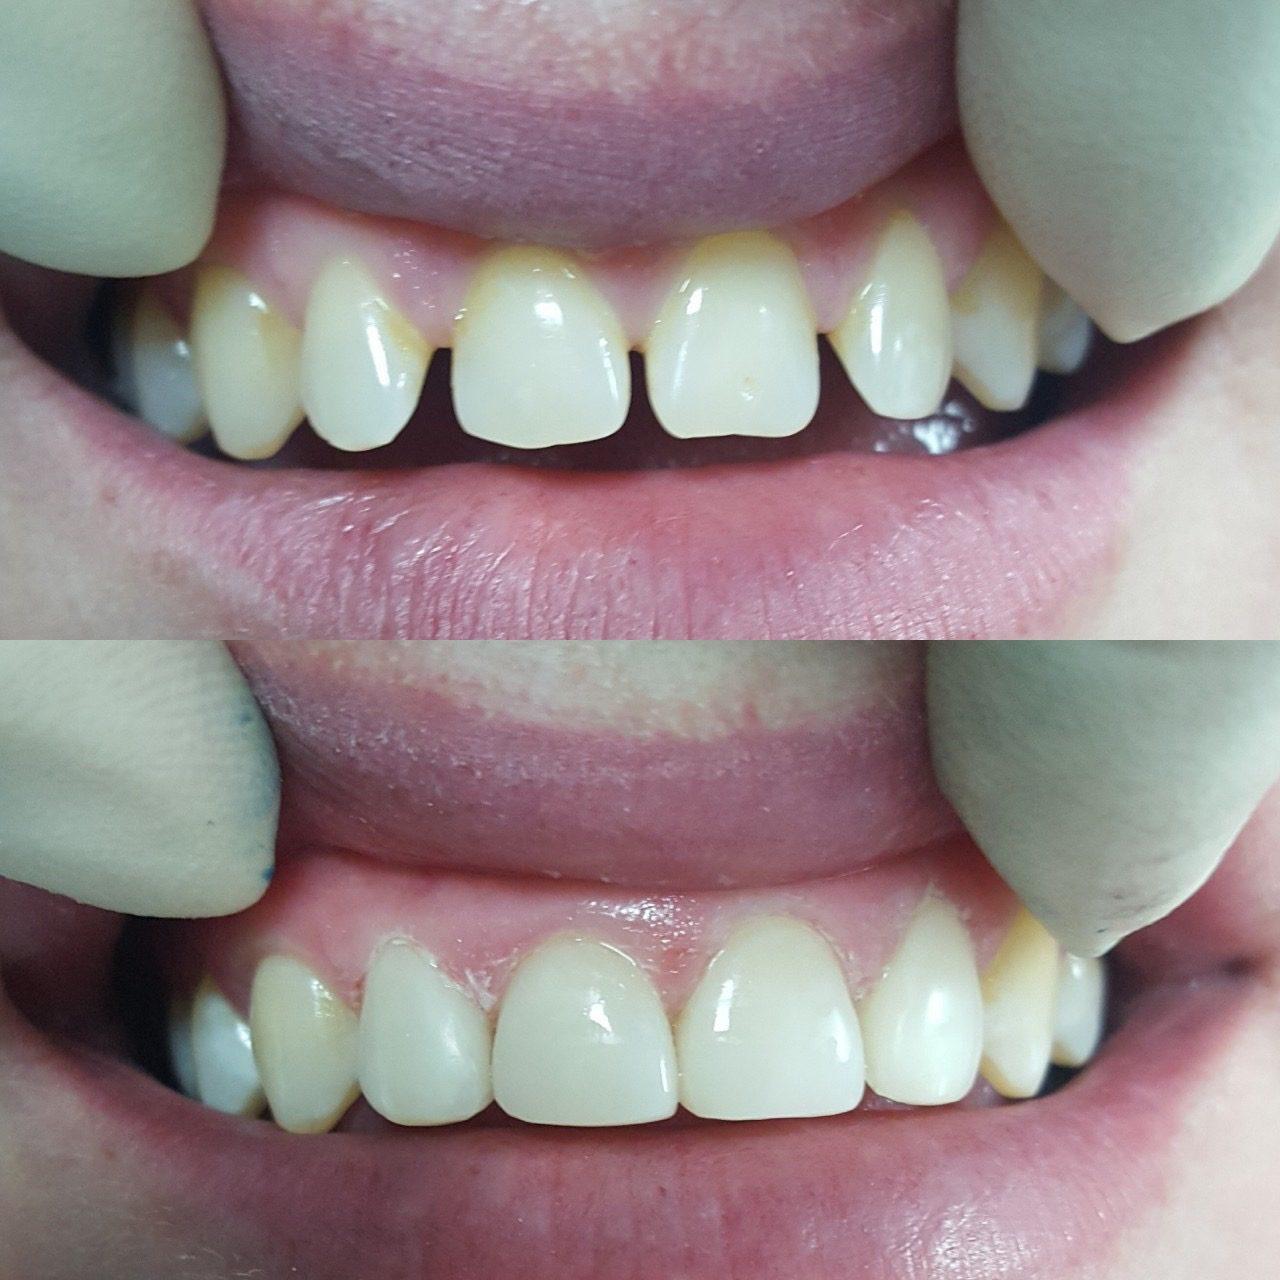 картинка нет зуба нет проблемным зонам давно